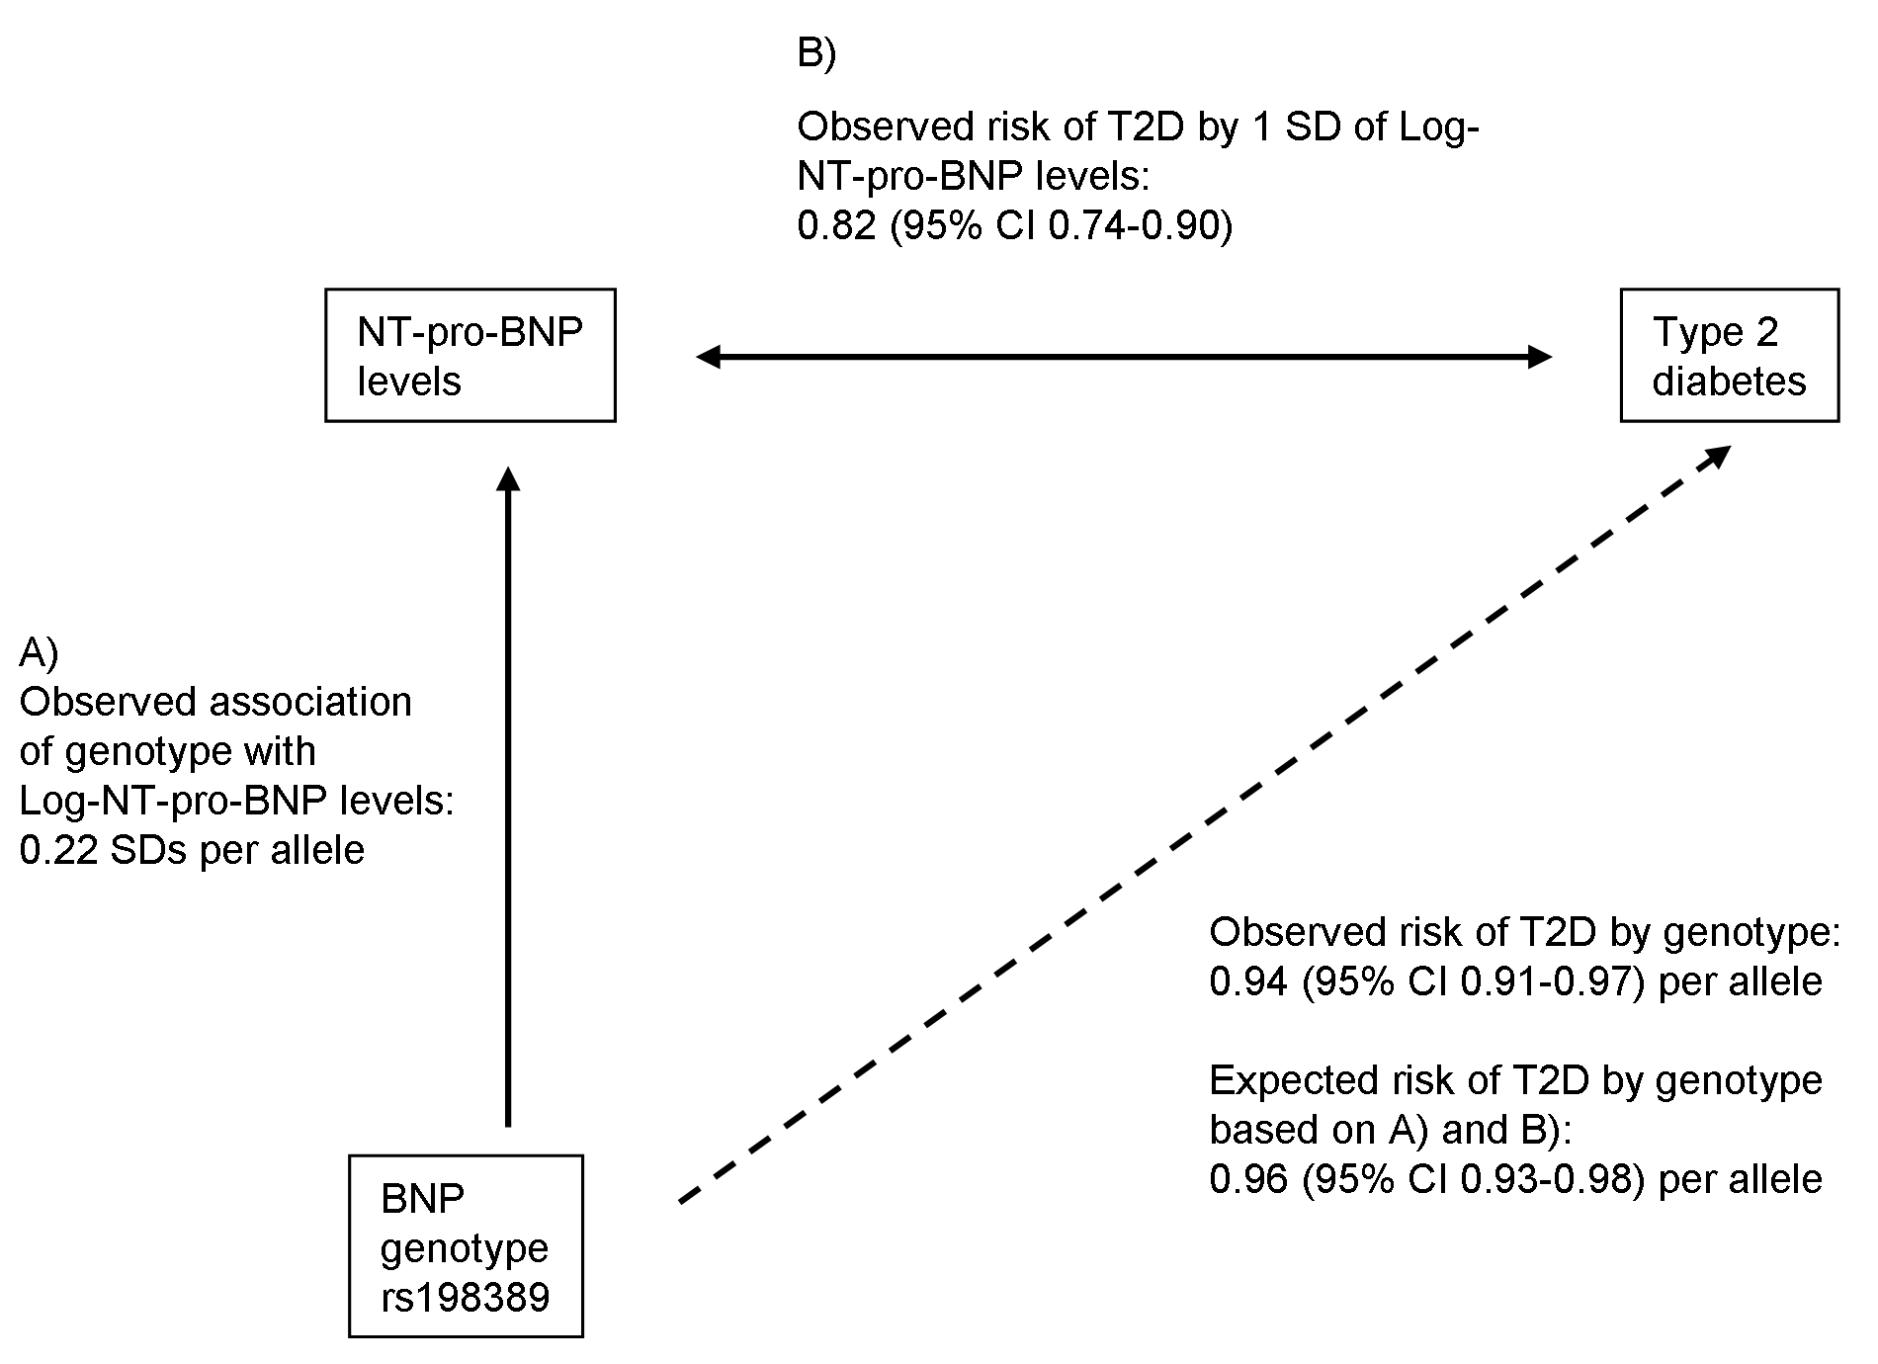 Mendelian randomization approach for the association between BNP and T2D.